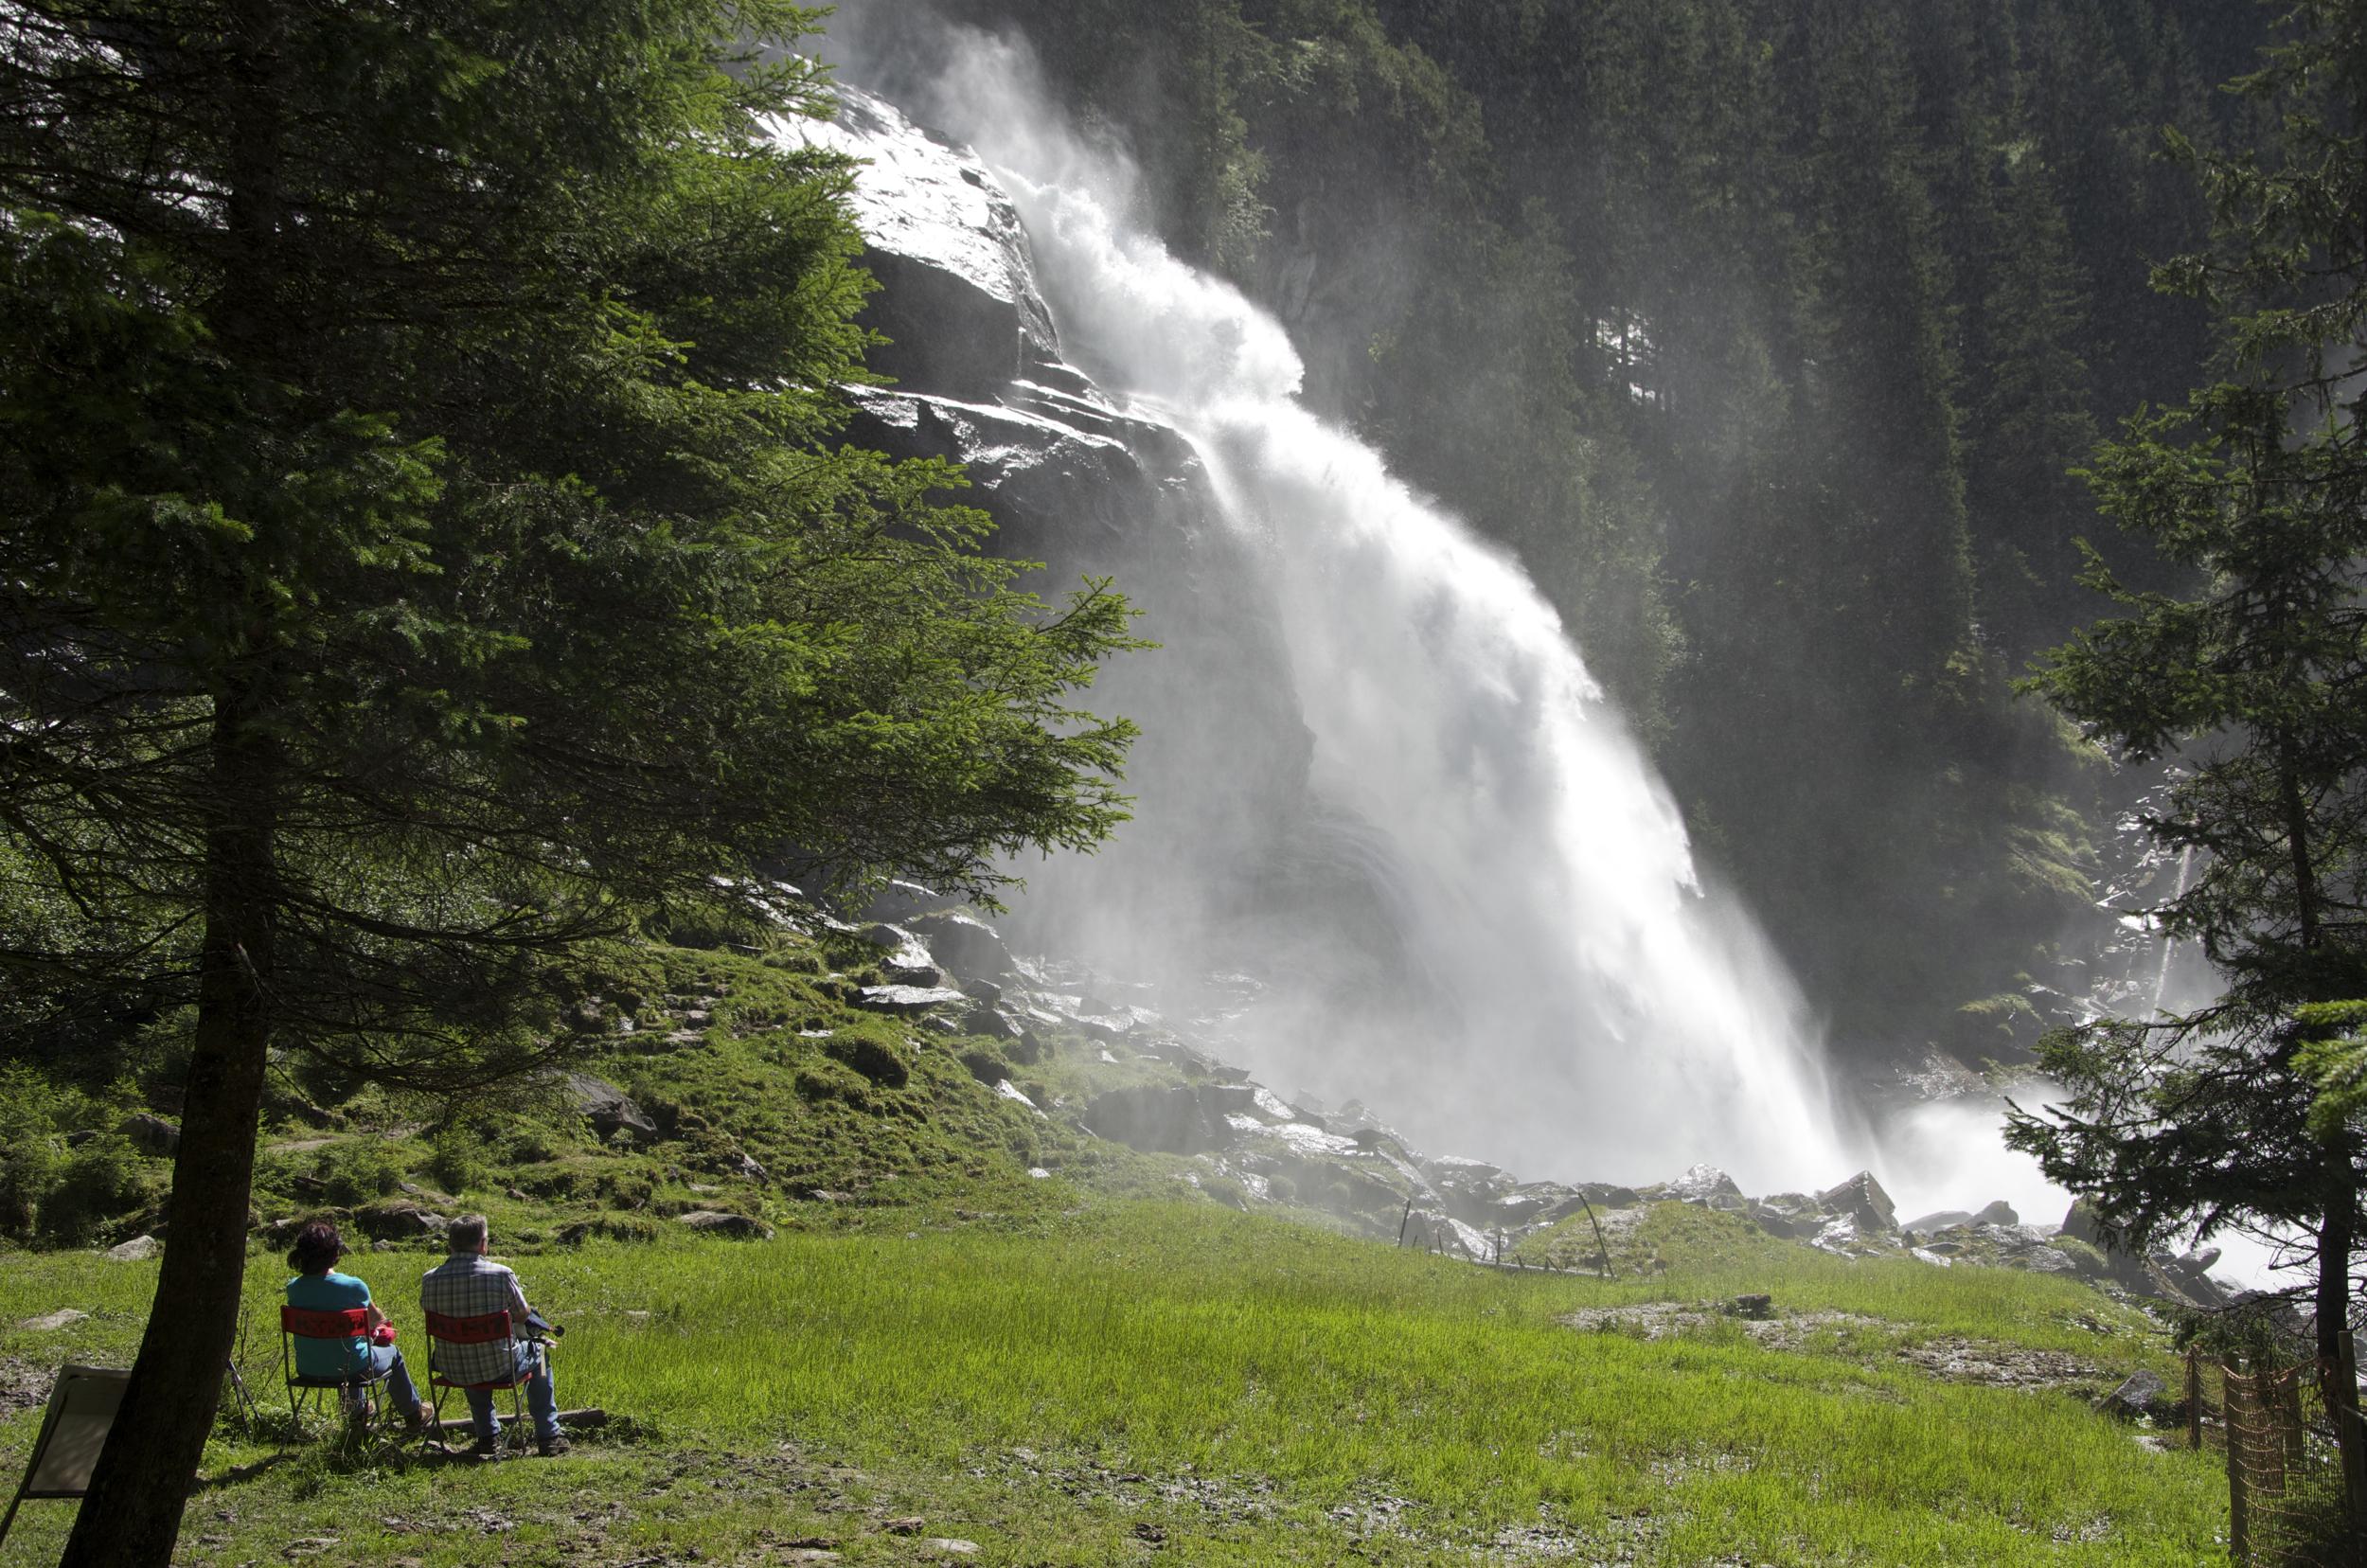 Die Krimmler Wasserfälle - eine beliebte Touristenattraktion und nachweislich heilsam für Asthmatiker. c Claus Muhr/Satel Film 2012